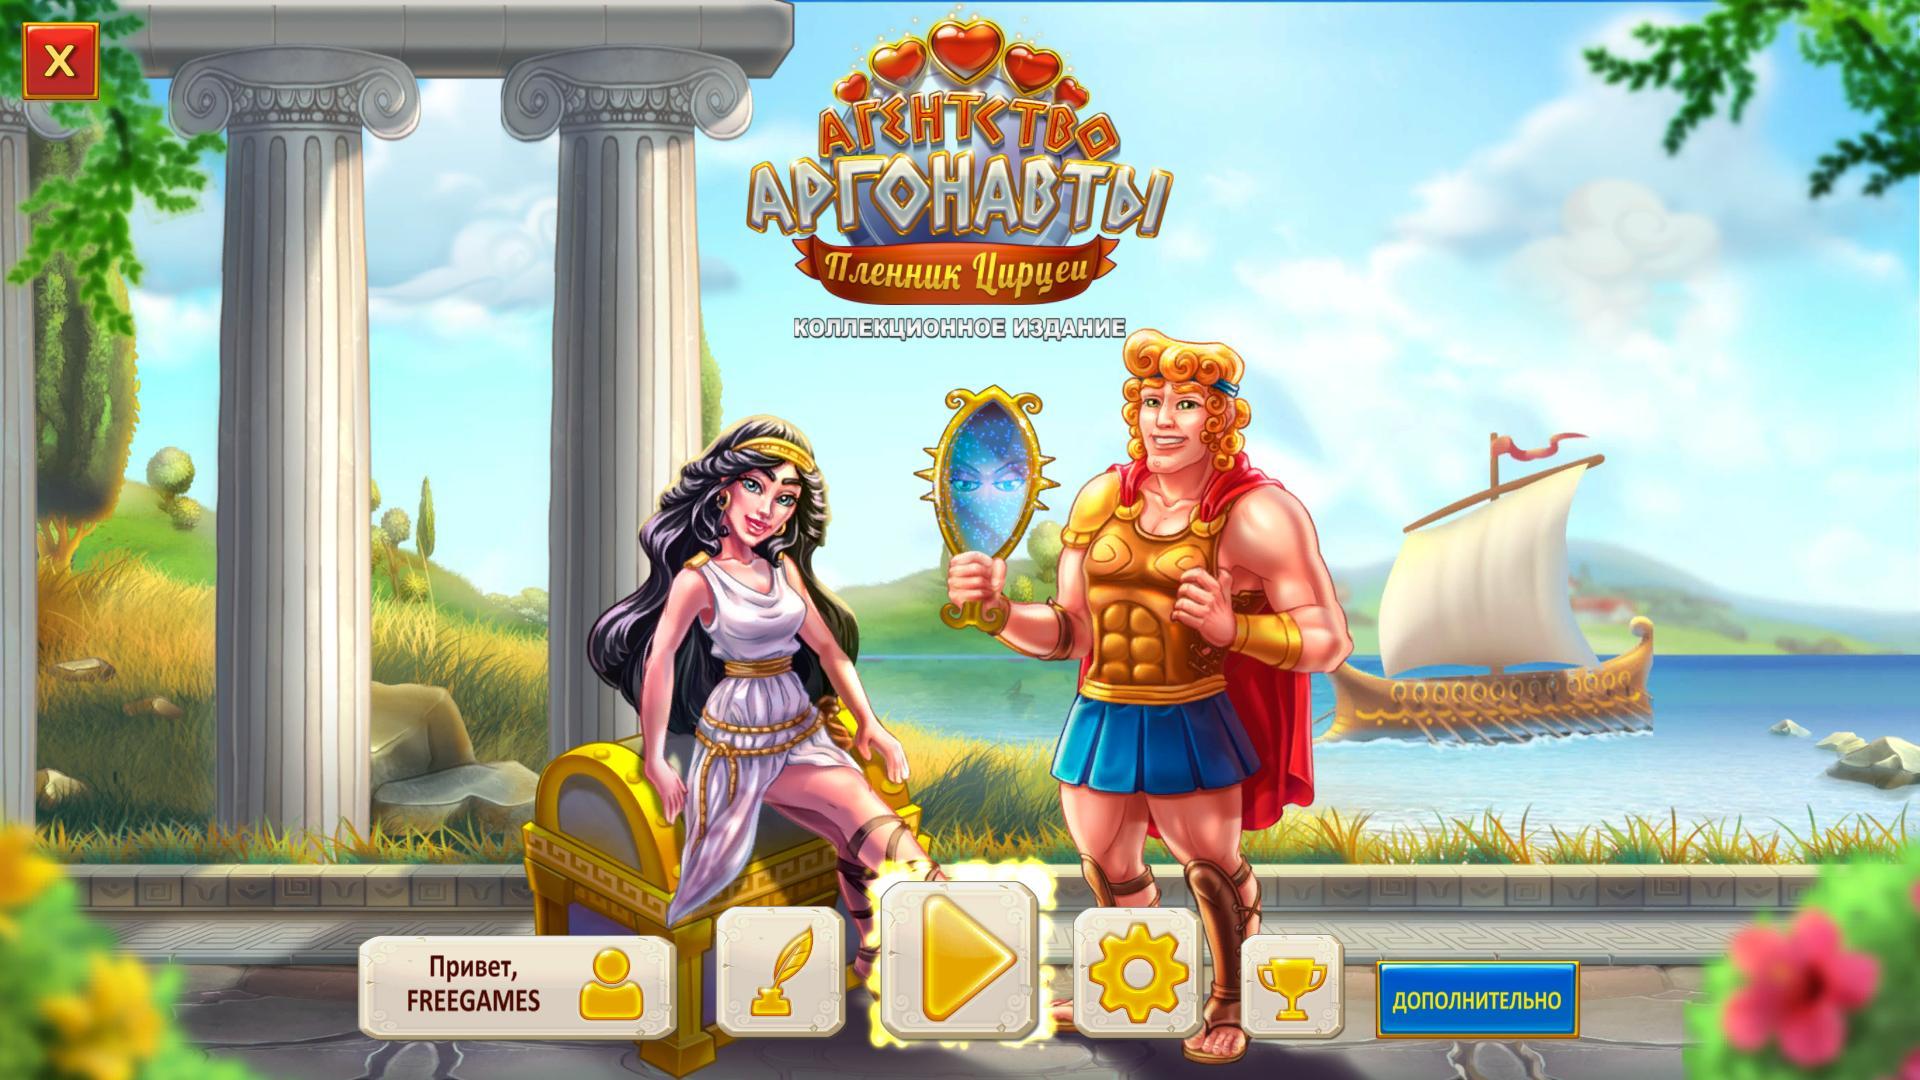 Агентство Аргонавты 5: Пленник Цирцеи. Коллекционное издание | Argonauts Agency 5: Captive of Circe CE (Rus)